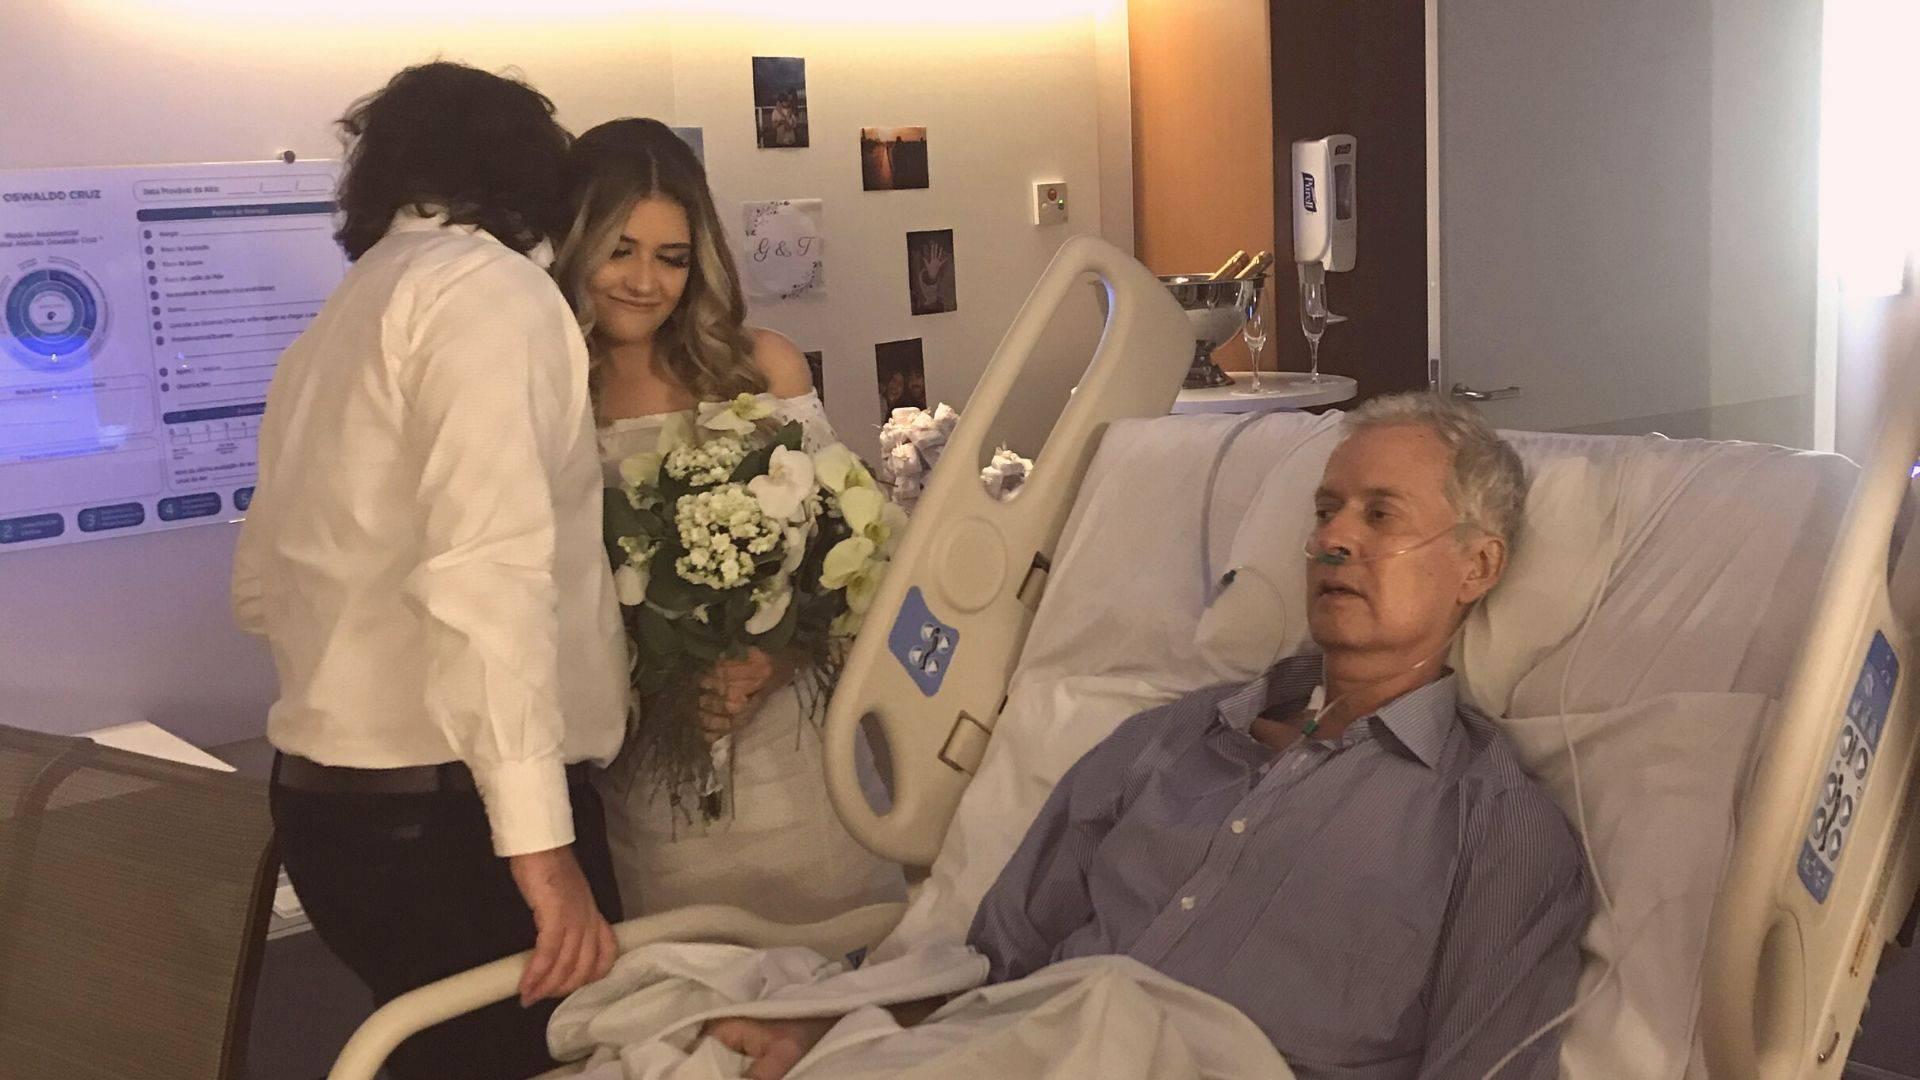 Gabriela Palheta, o noivo Thalles Tonini e o pai Glauco Palheta durante a cerimônia realizada no dia 5 de abril.